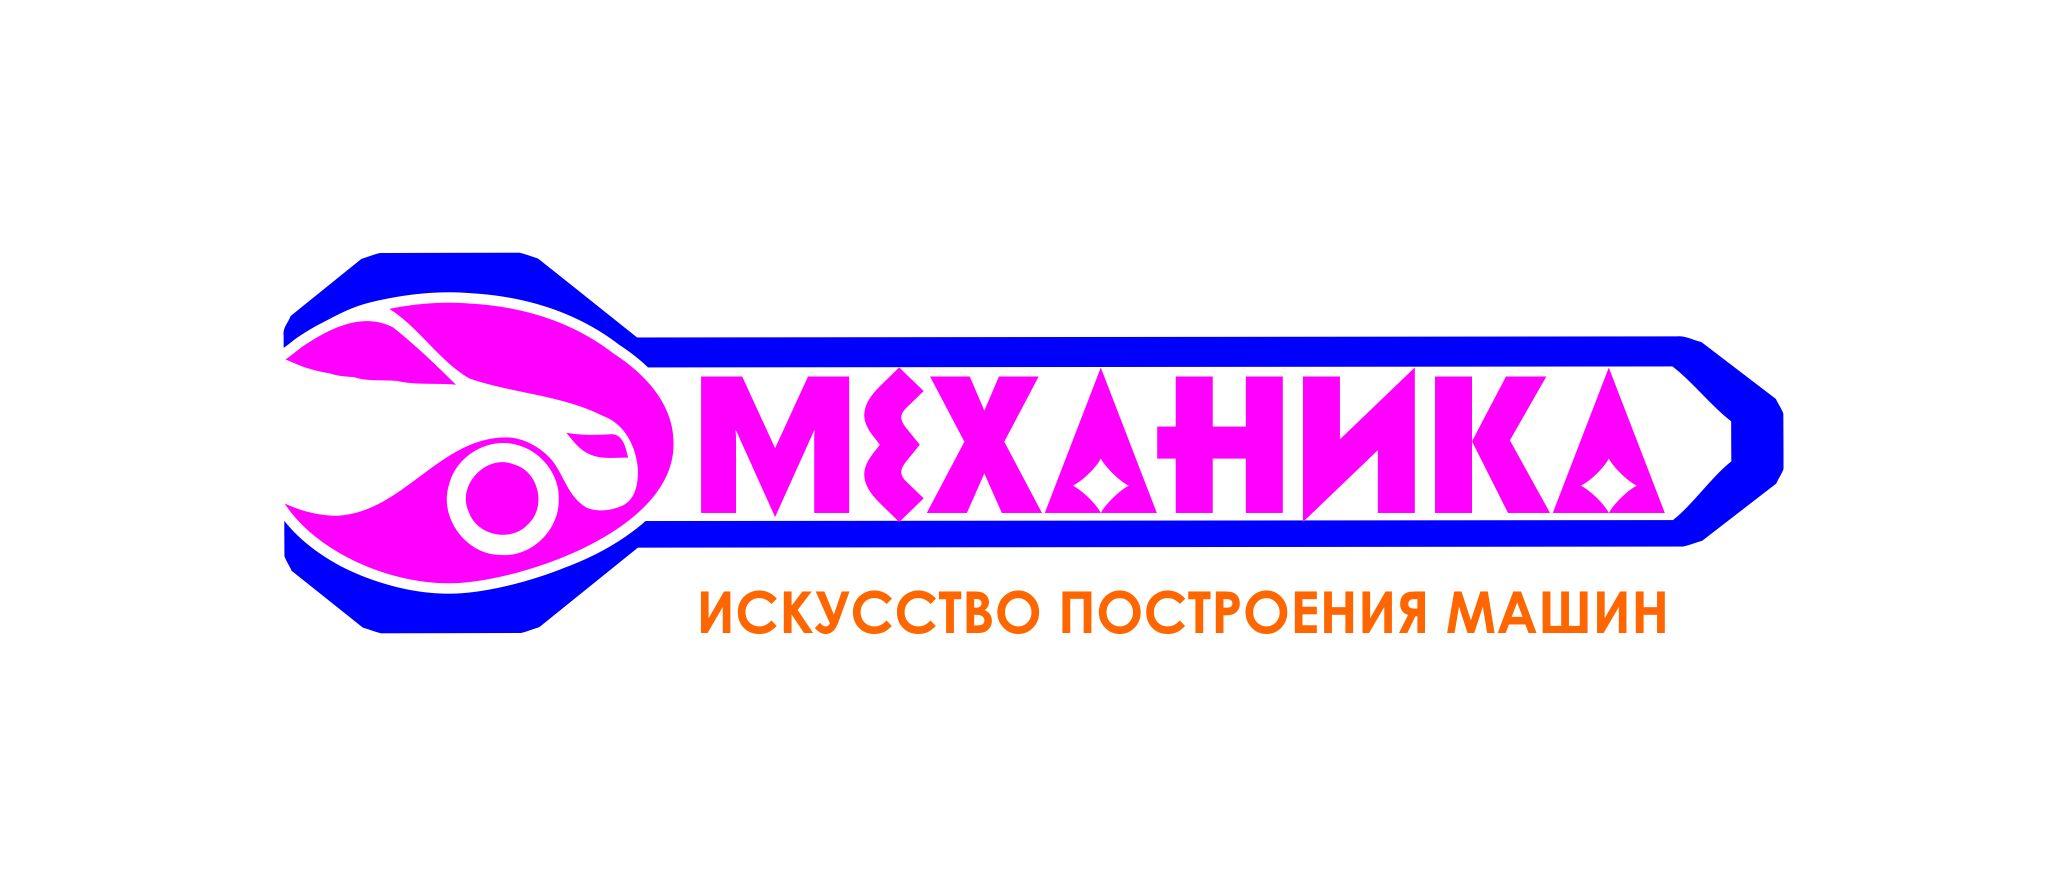 Логотип для магазина автозапчасти 'Механика' - дизайнер bor23